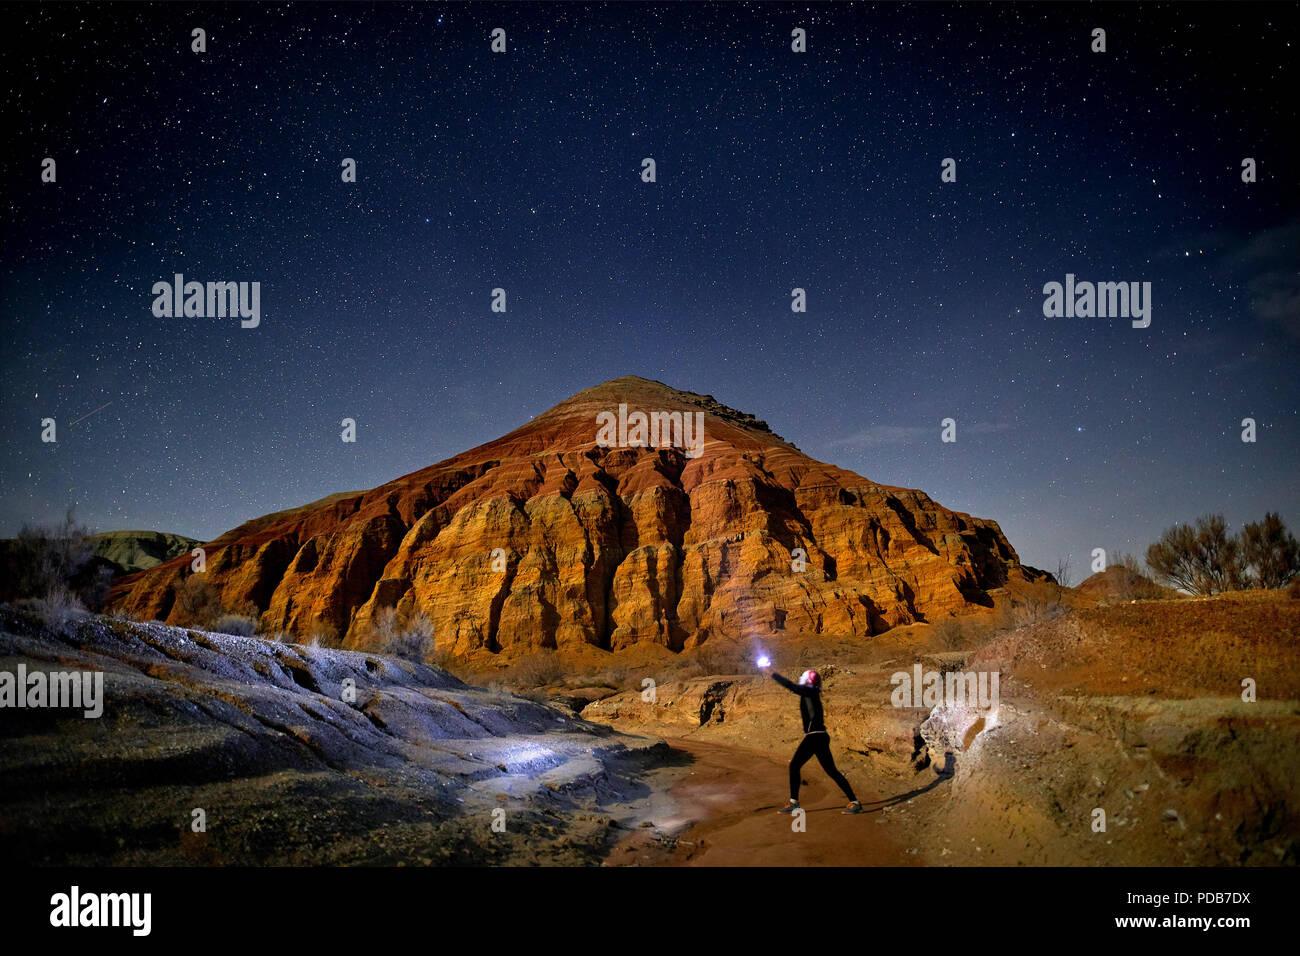 Mann mit Kopf Licht in der Wüste bei Nacht Himmel Hintergrund. Reisen, Abenteuer und Expedition Konzept. Stockbild